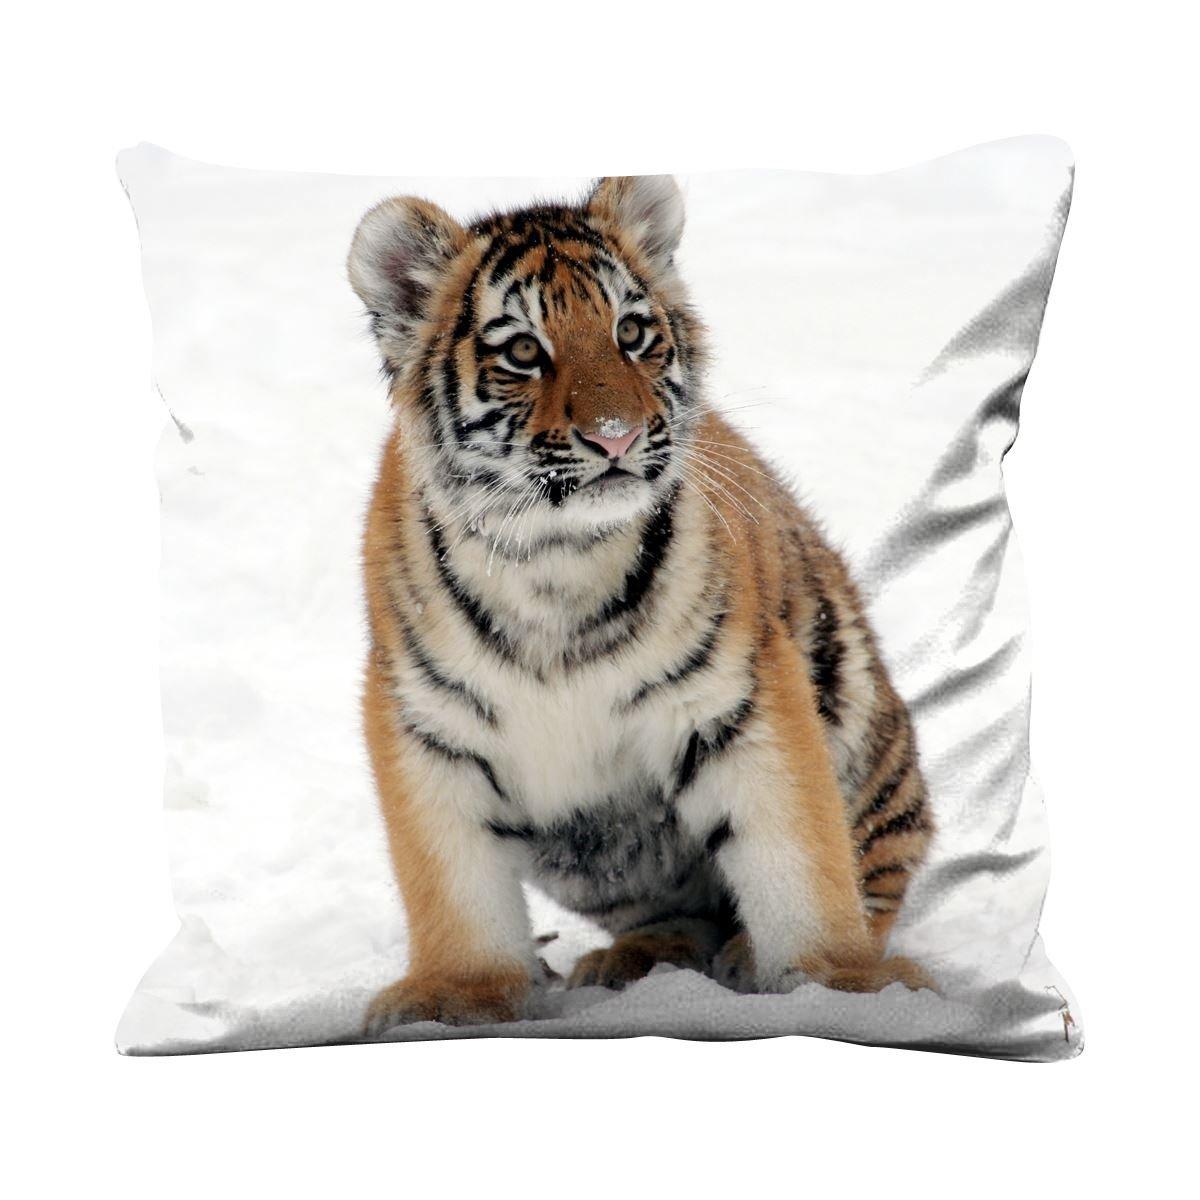 Amazon.com: Tigre en la nieve 17.7 x 17.7 inch de seda ...